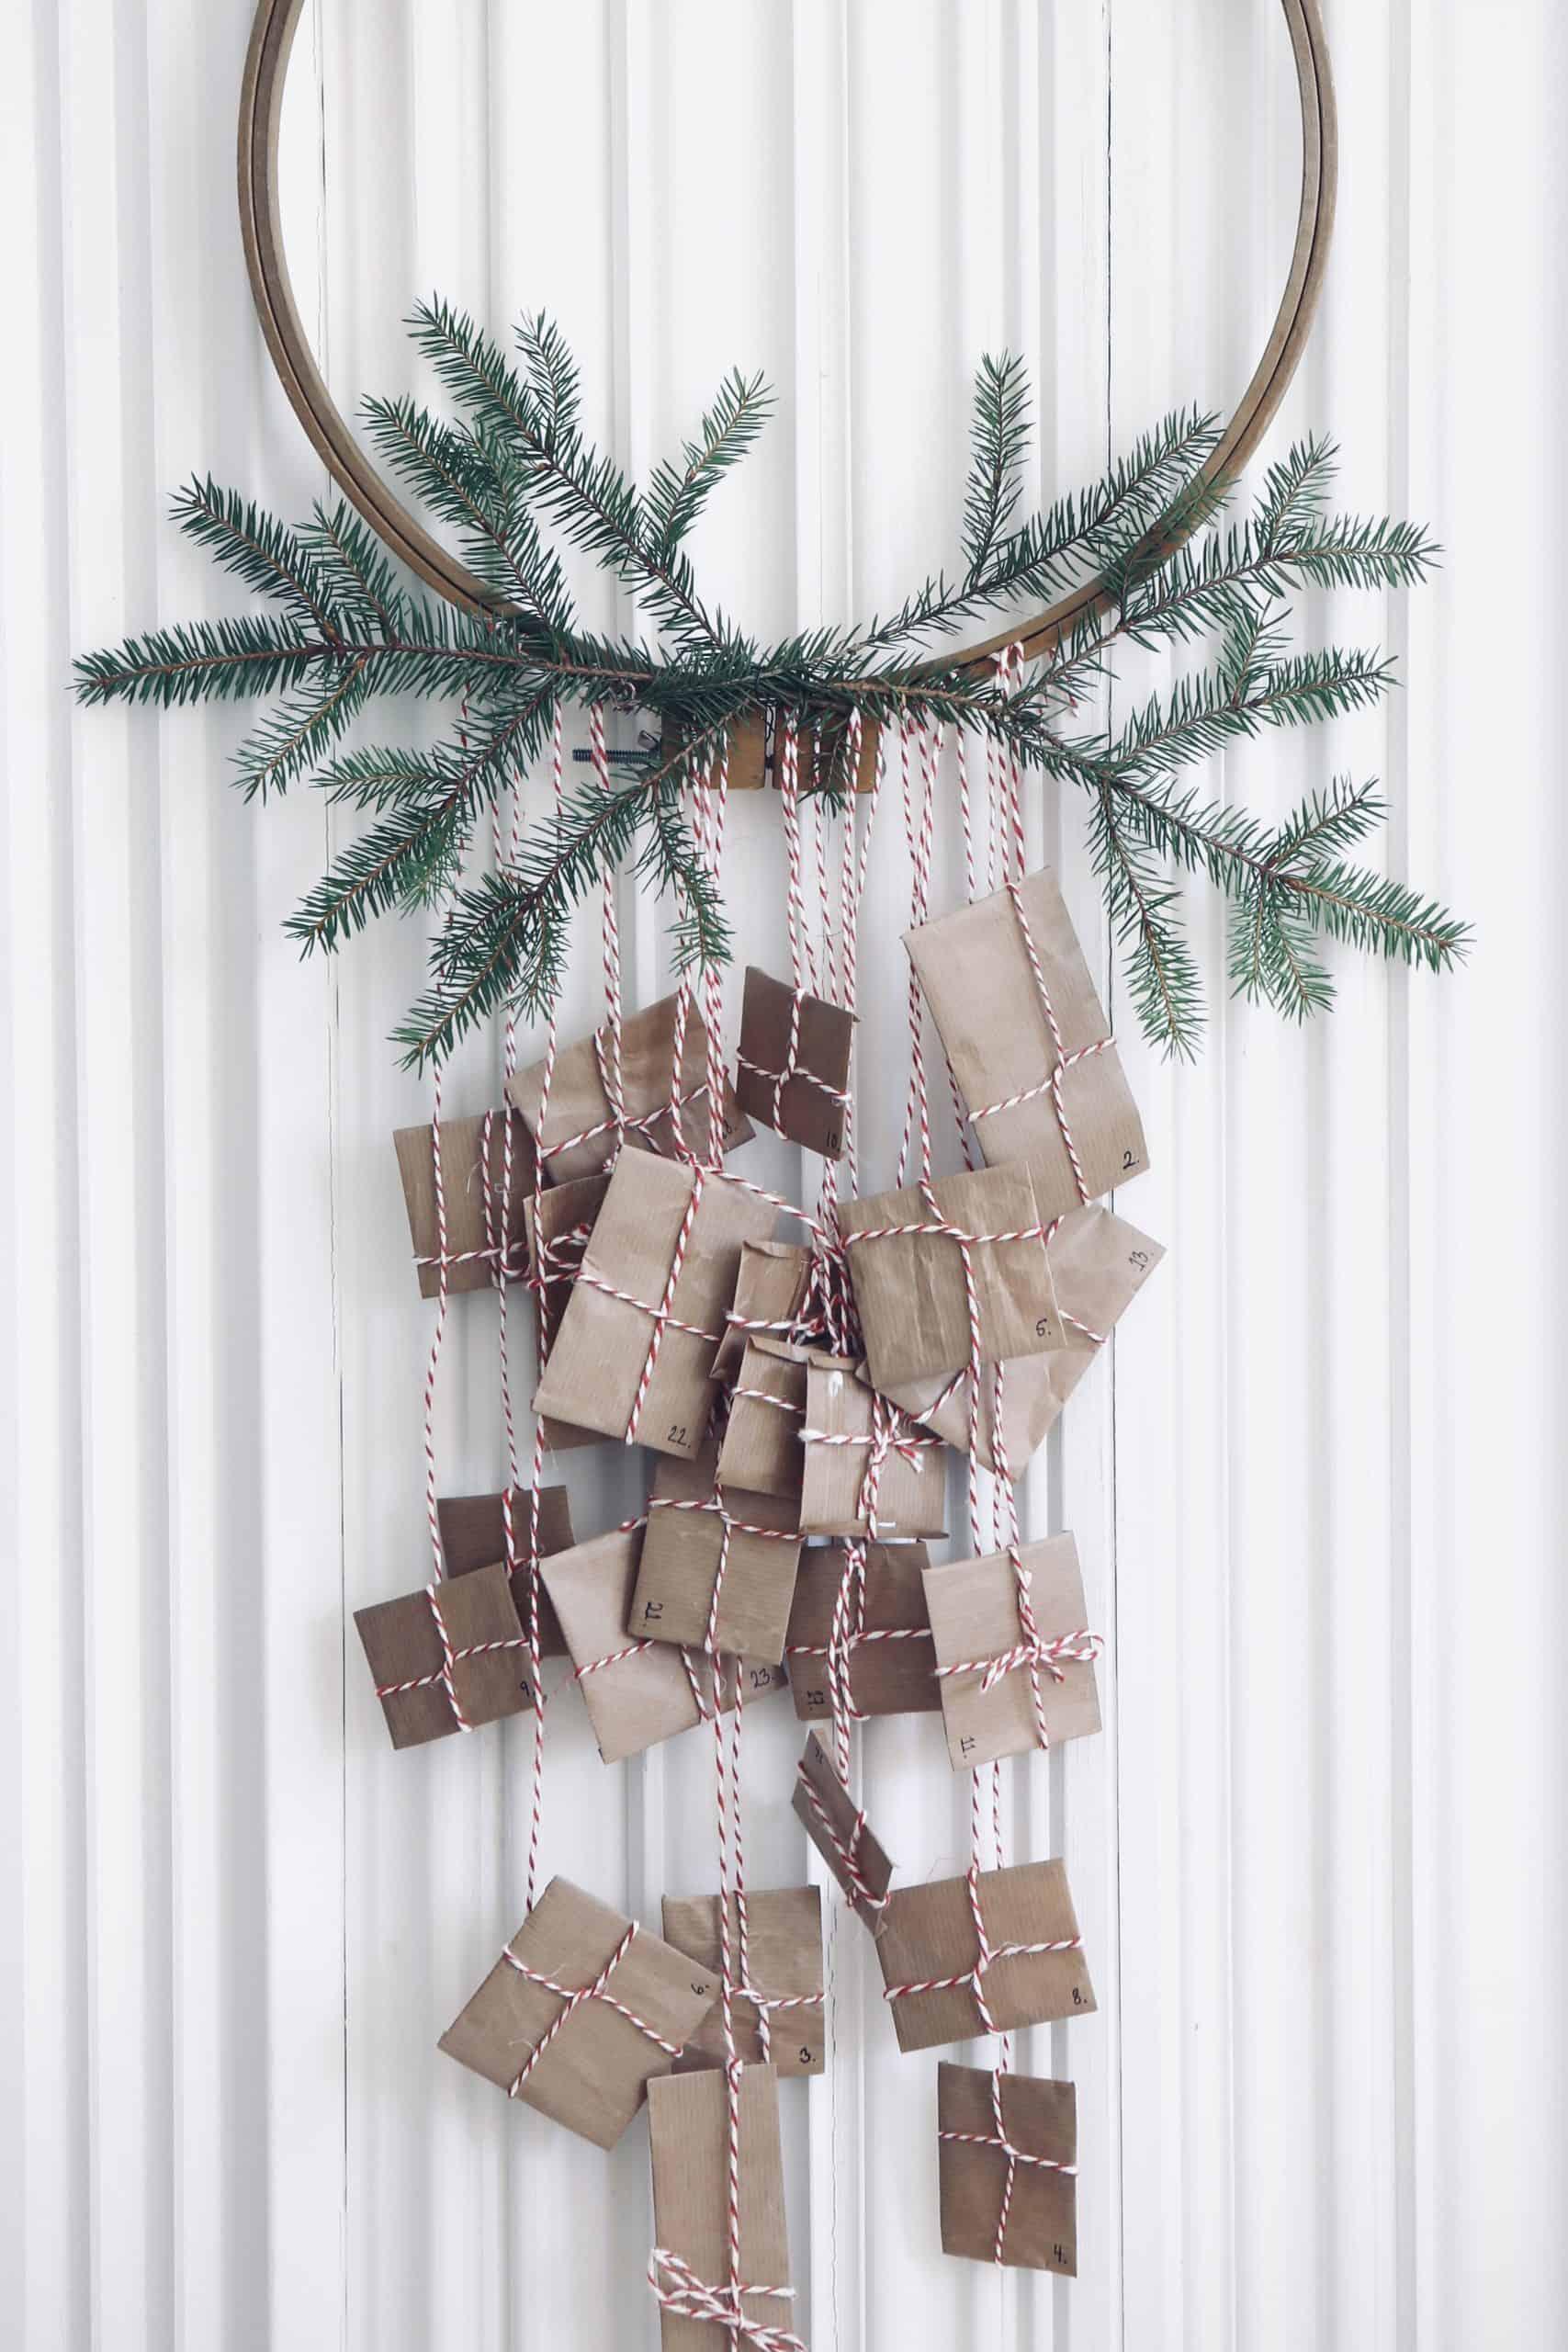 Visa uppskattning med en egen adventskalender – visa barnen vad som är viktigt förutom julklappar